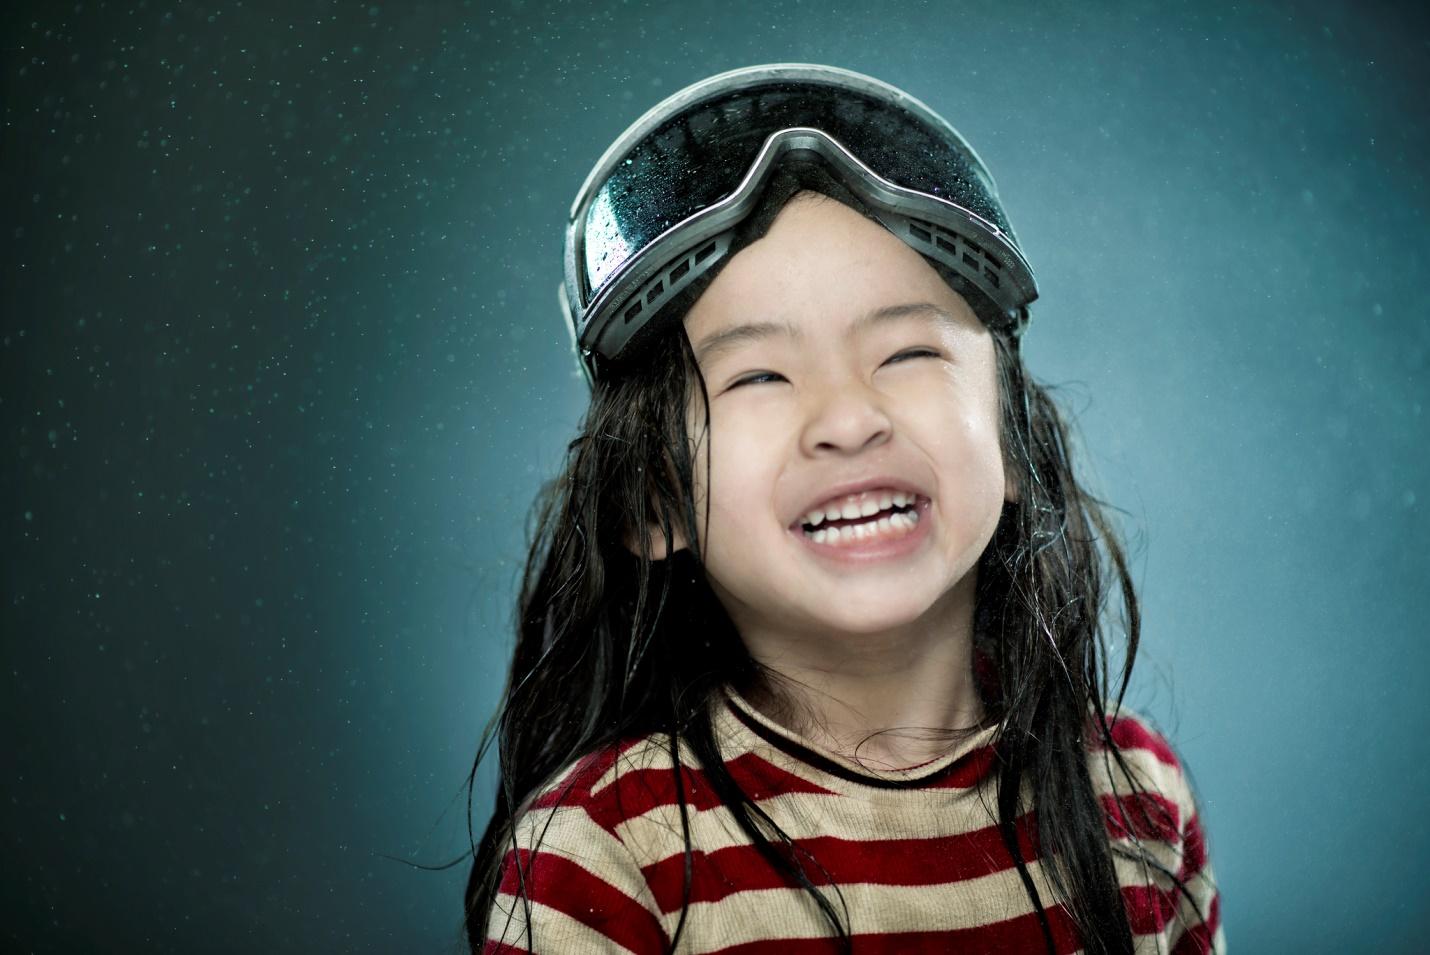 Вес - 490 гр.: в Южной Корее родилась самая недоношенная девочка в мире